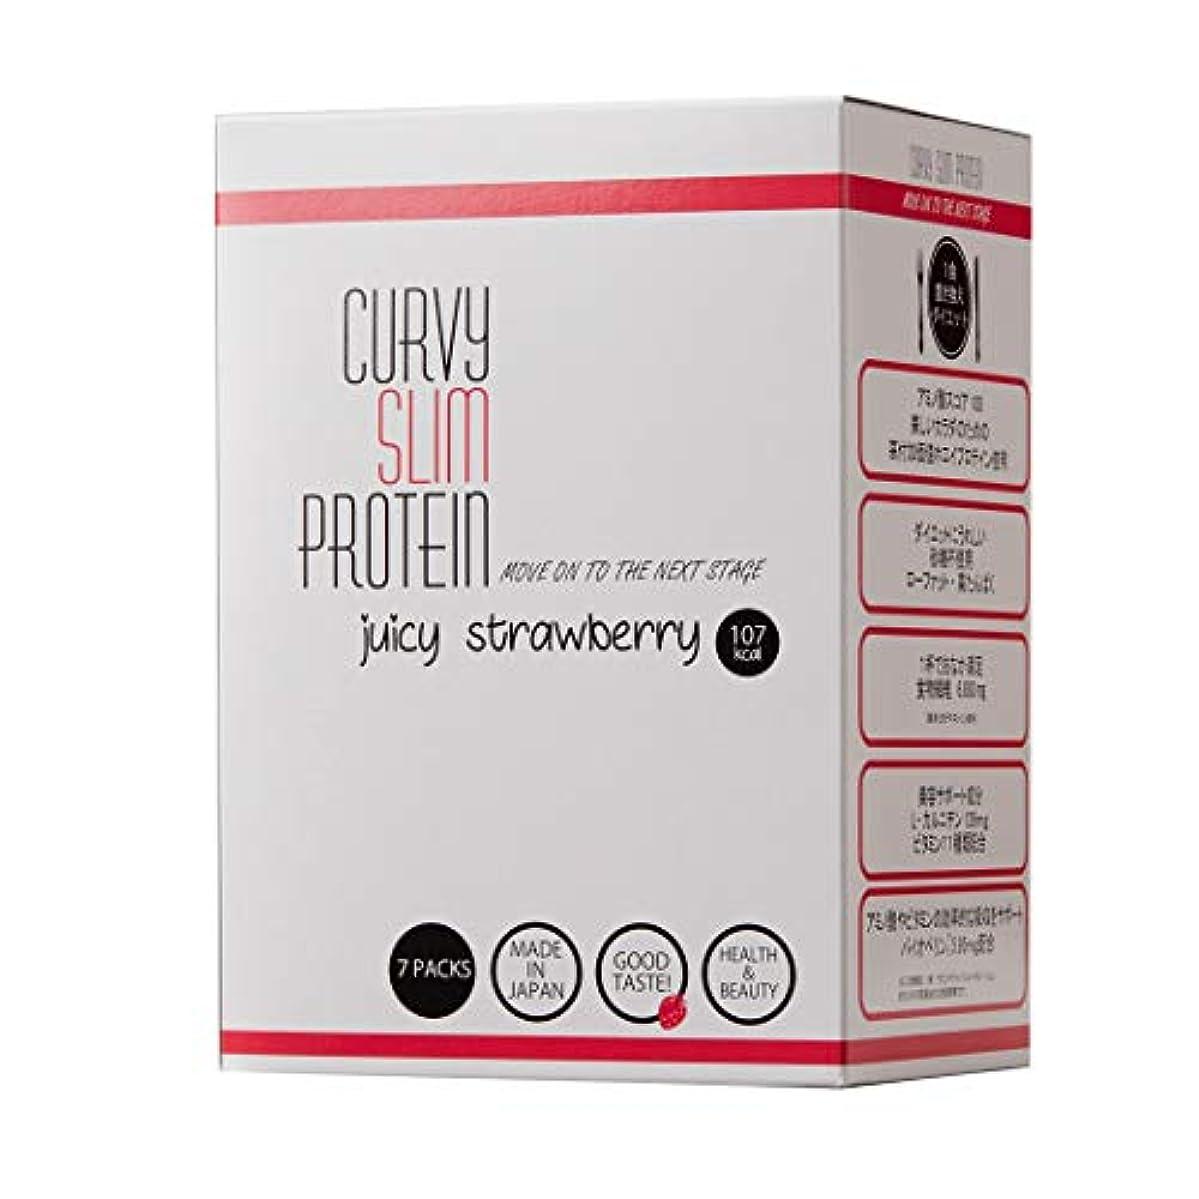 起きろガム光のカーヴィースリム® プロテイン ジューシーストロベリー 置き換え ダイエット 7包(7食分)